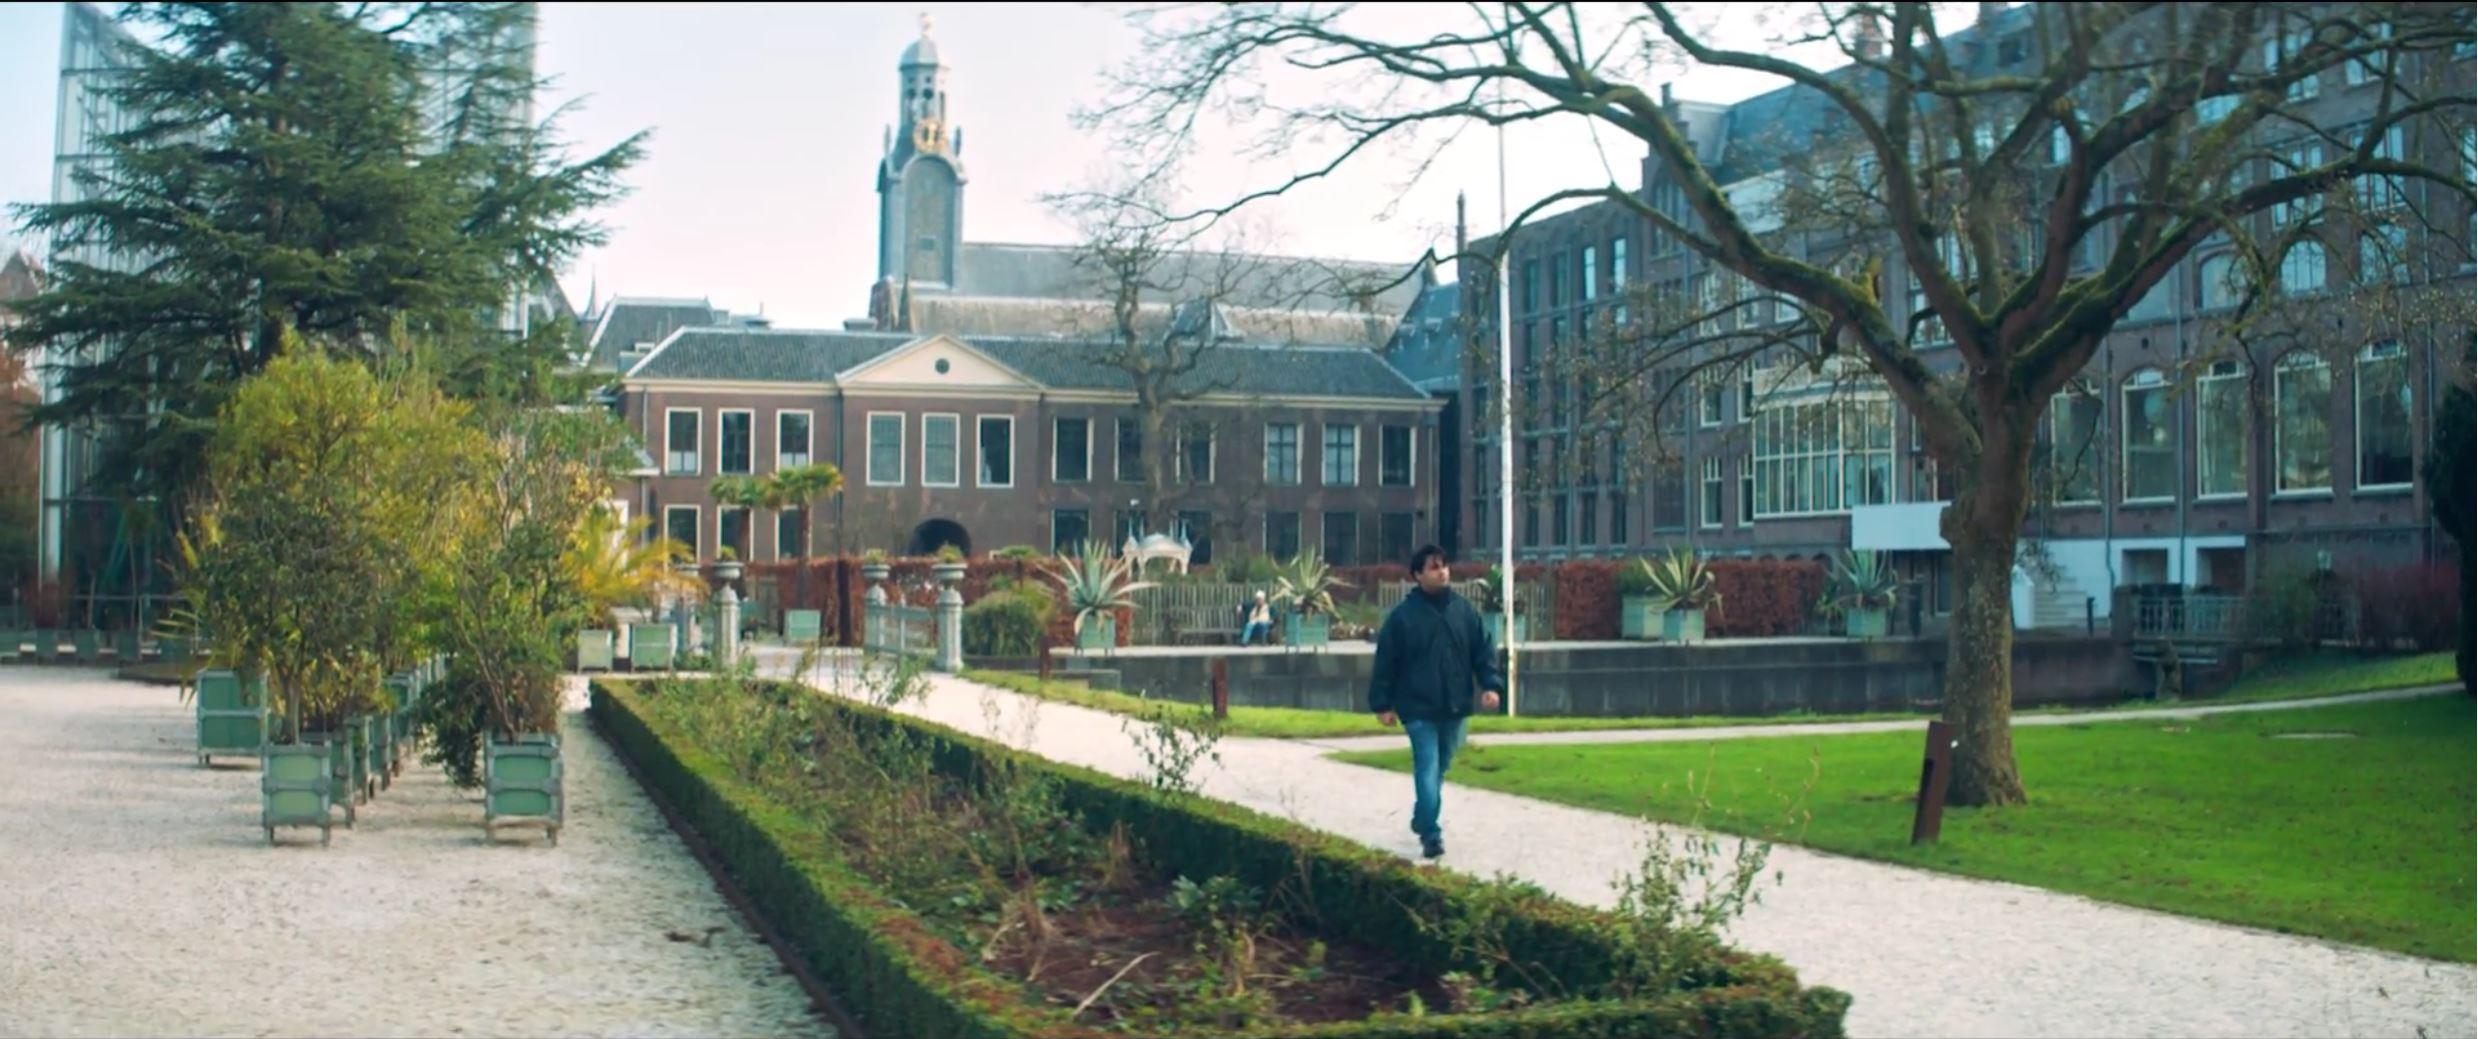 Leiden commercial